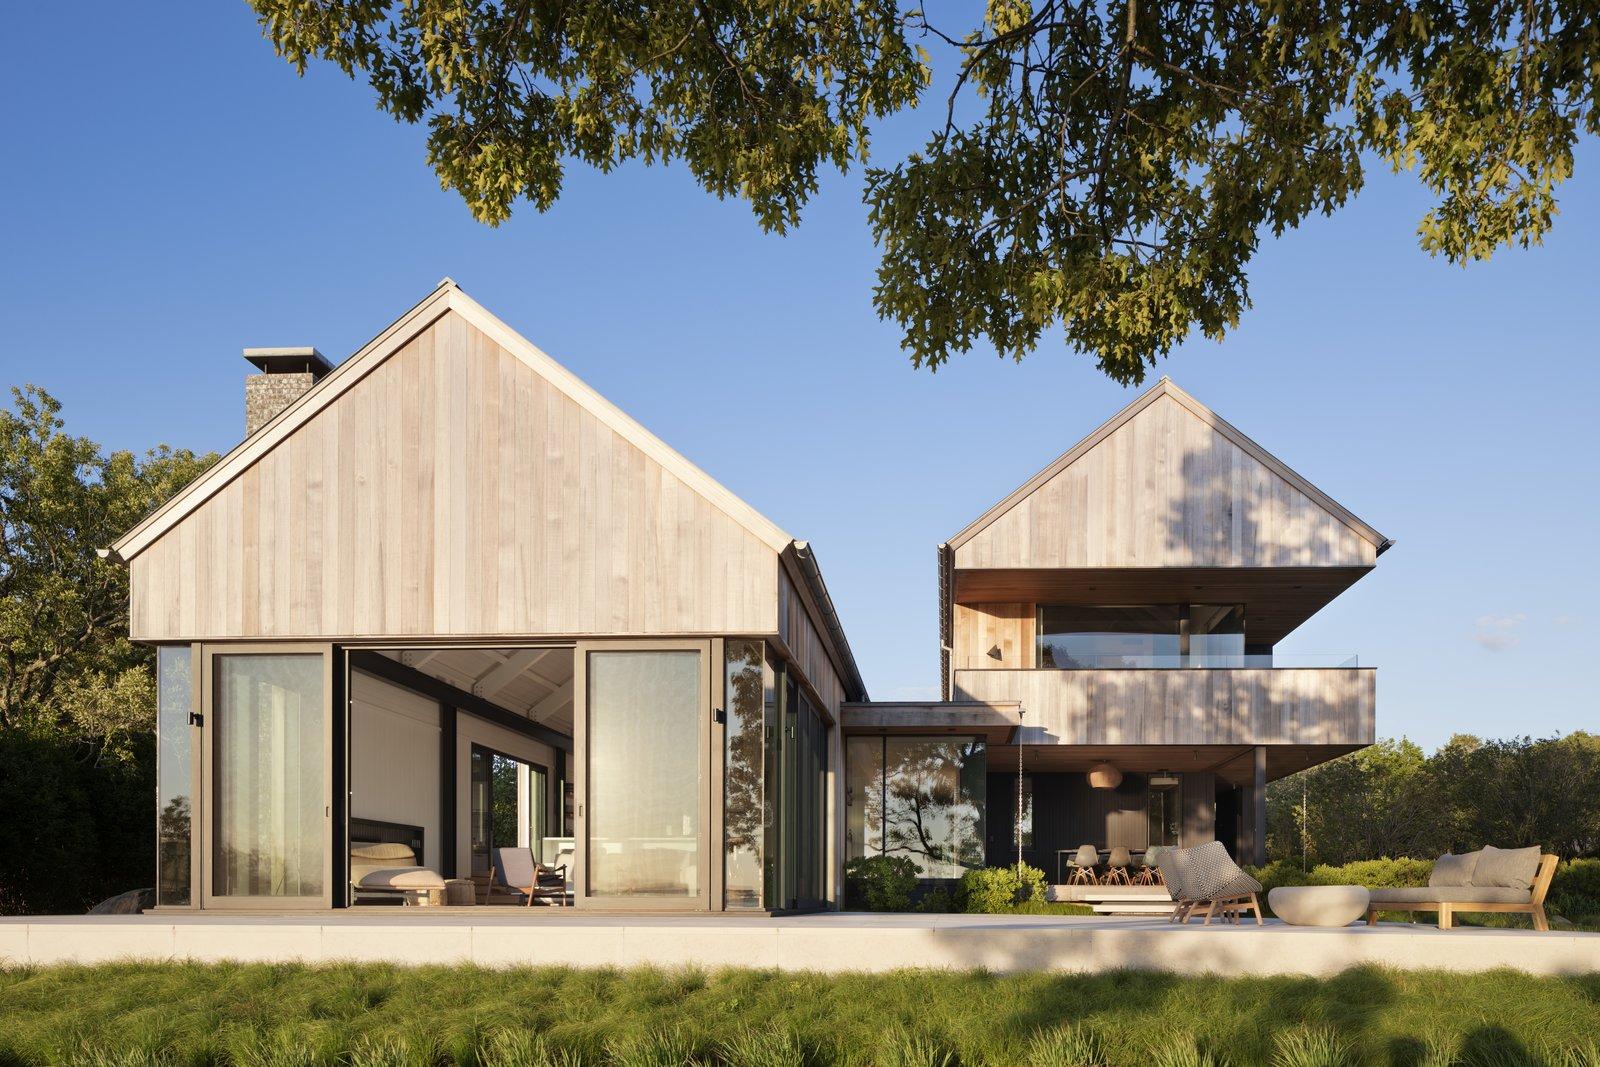 Two Cedar-Clad Structures Form a Unique Montauk Retreat